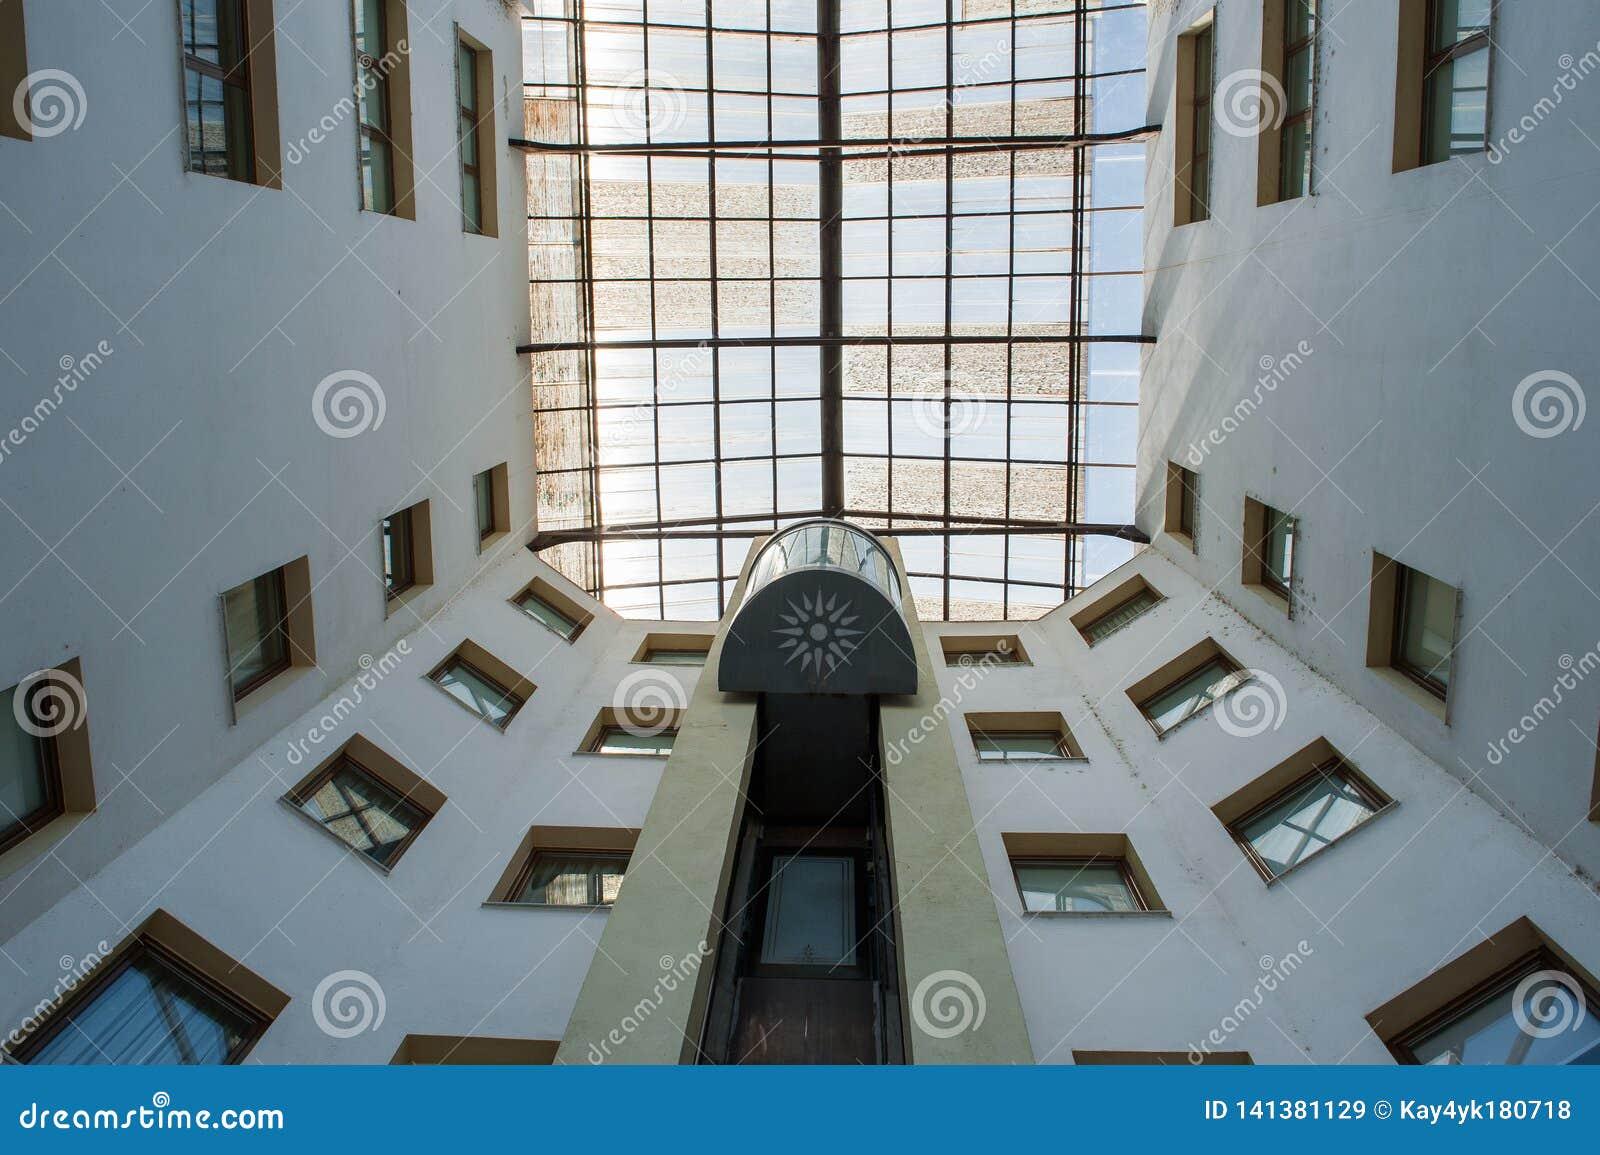 Uliczna winda w budynku wzrasta wierzchołek, otaczający okno